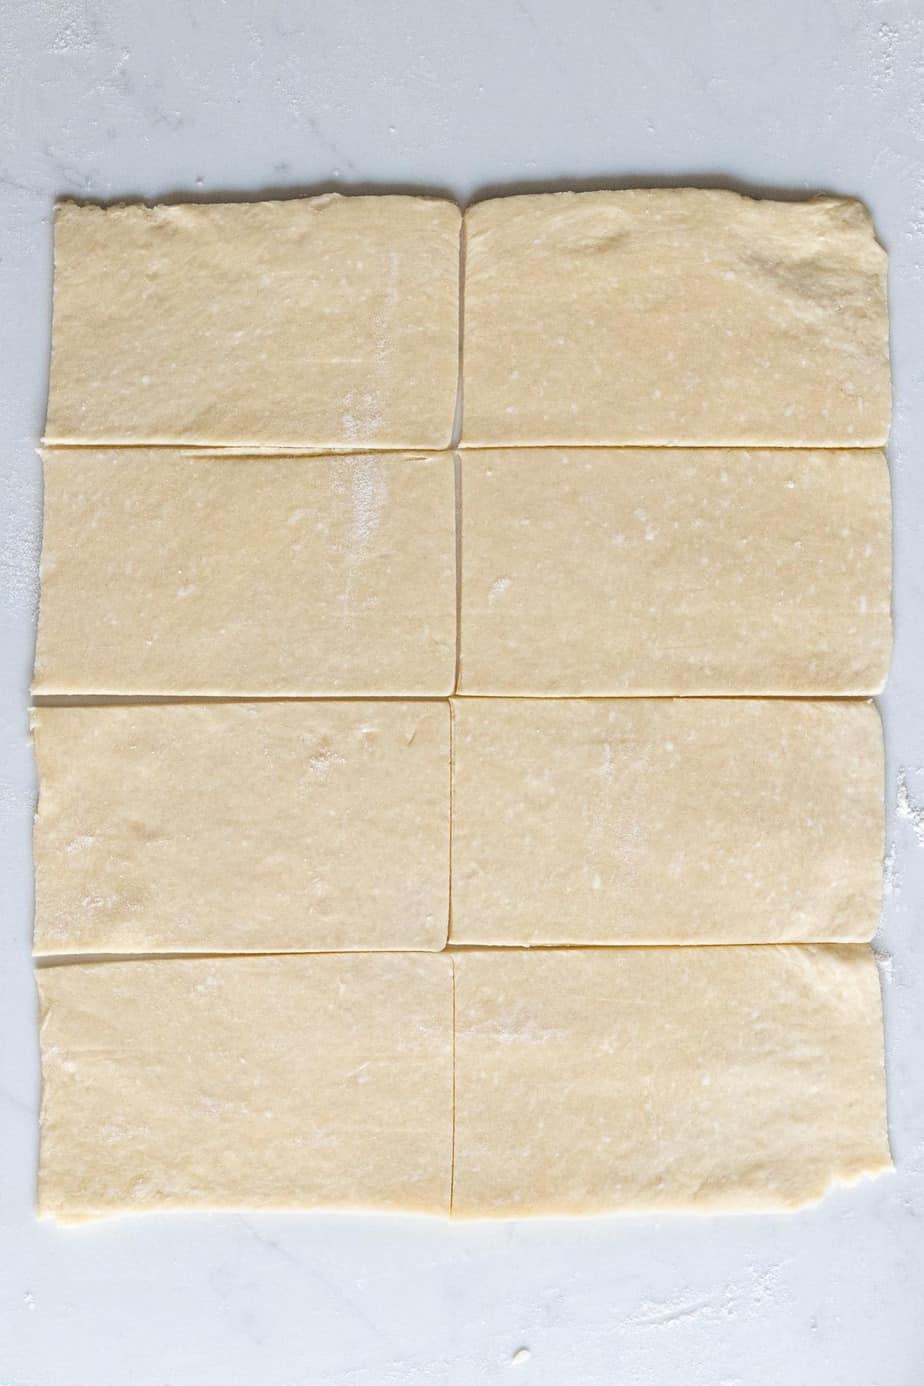 pie dough rectangle cut into 8 smaller rectangles